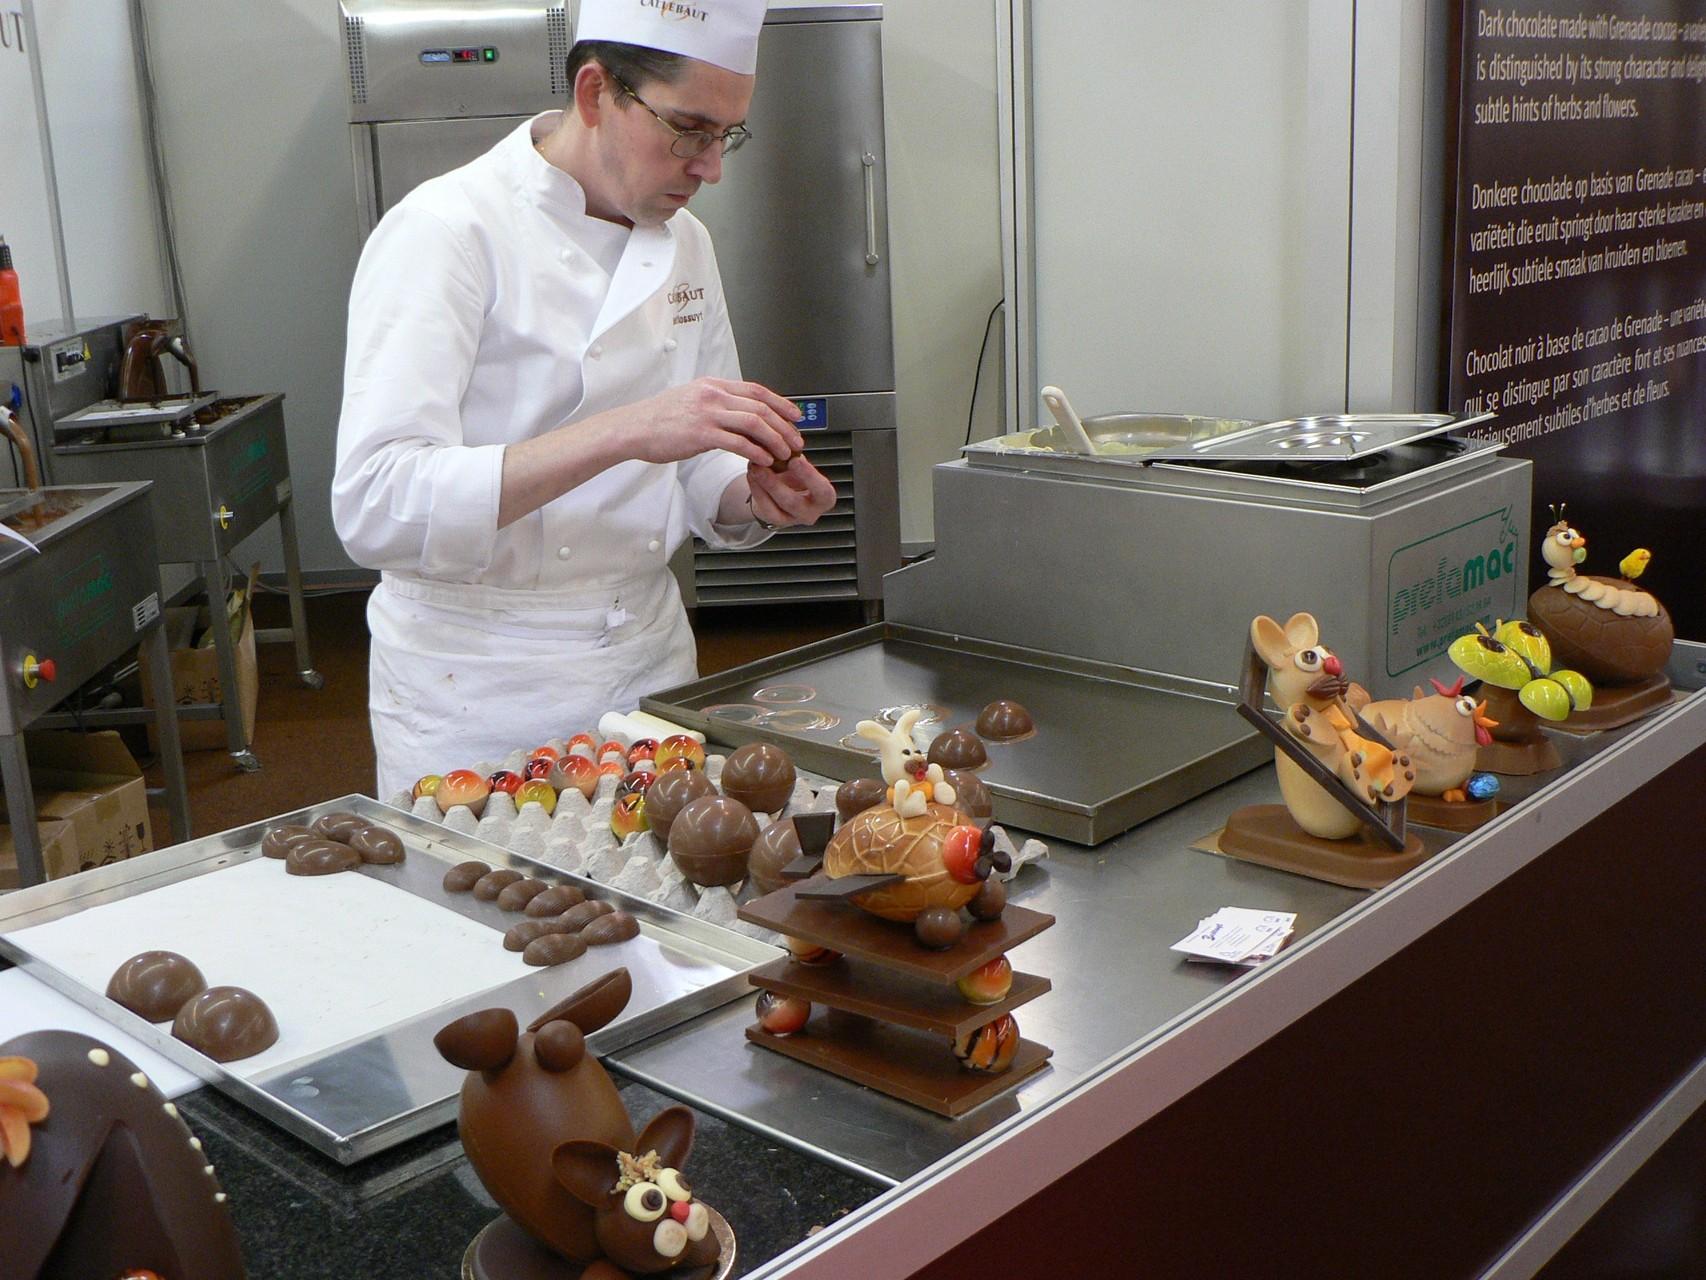 zuhause kochen, Kochkurs, Kochschule Berlin